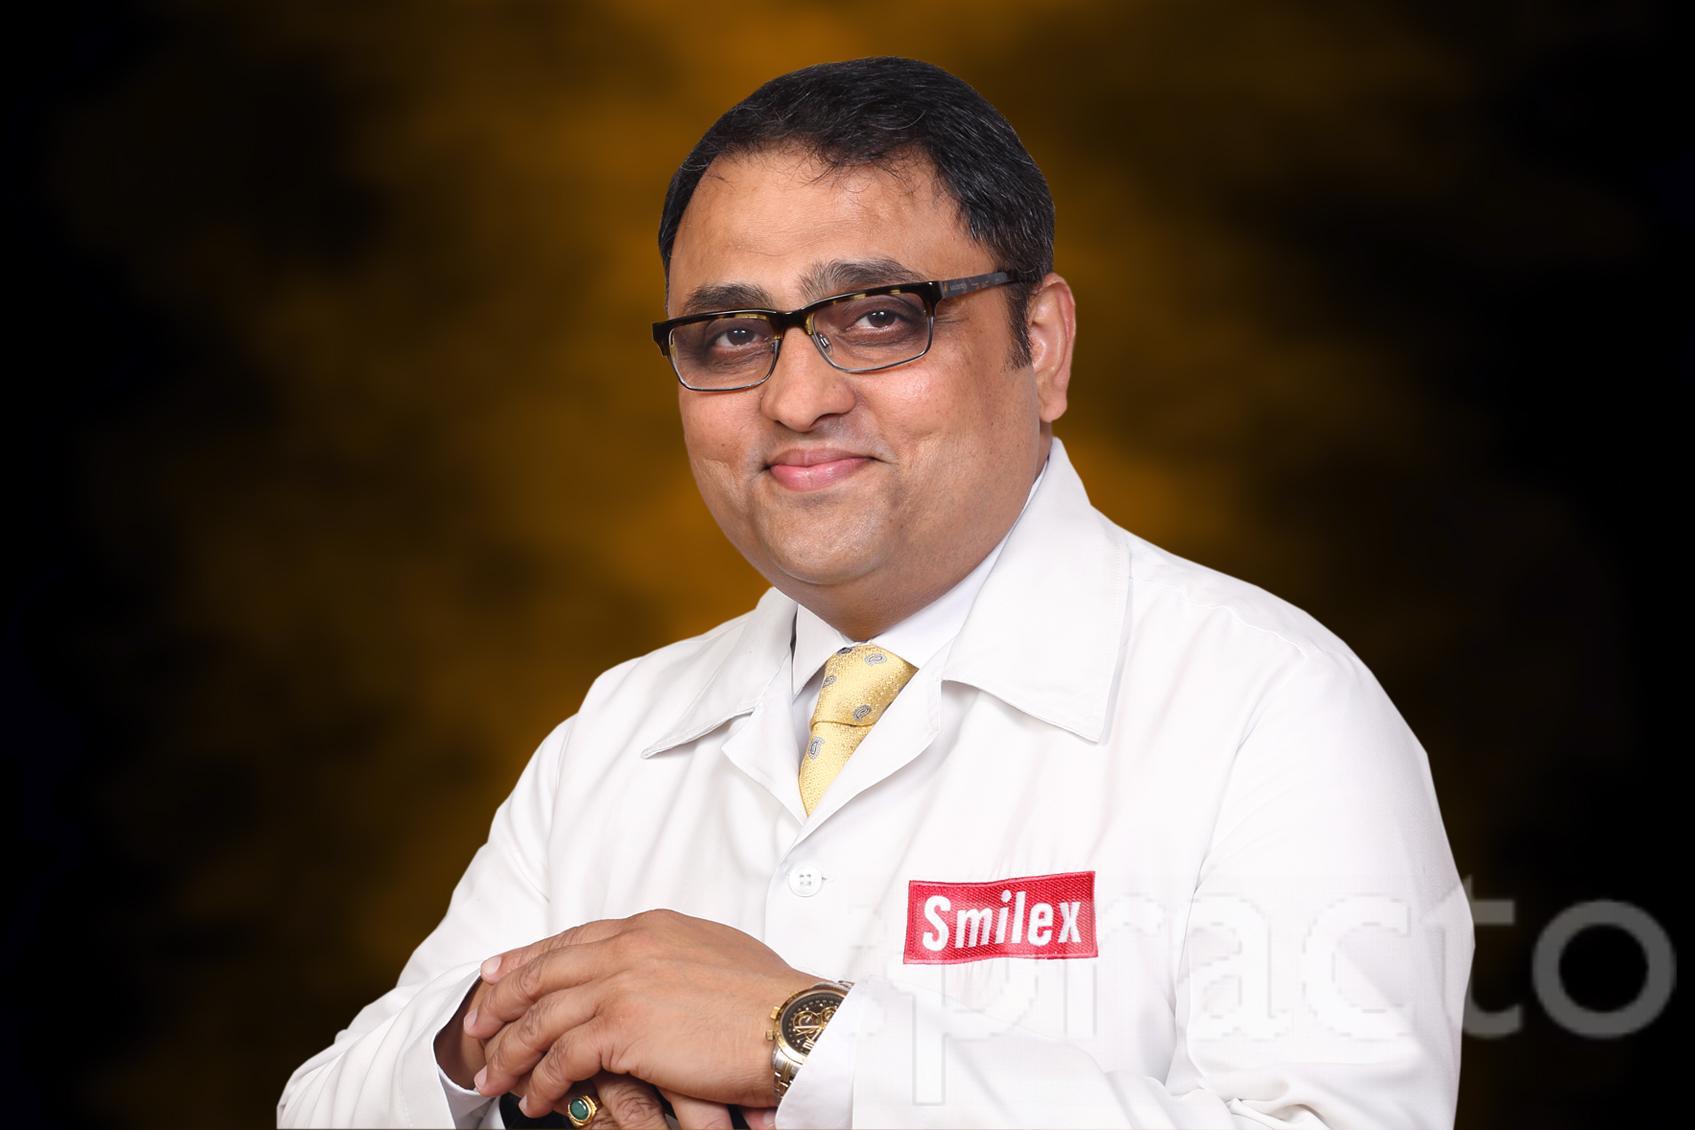 Dr. Vijay Deshmukh - Dentist